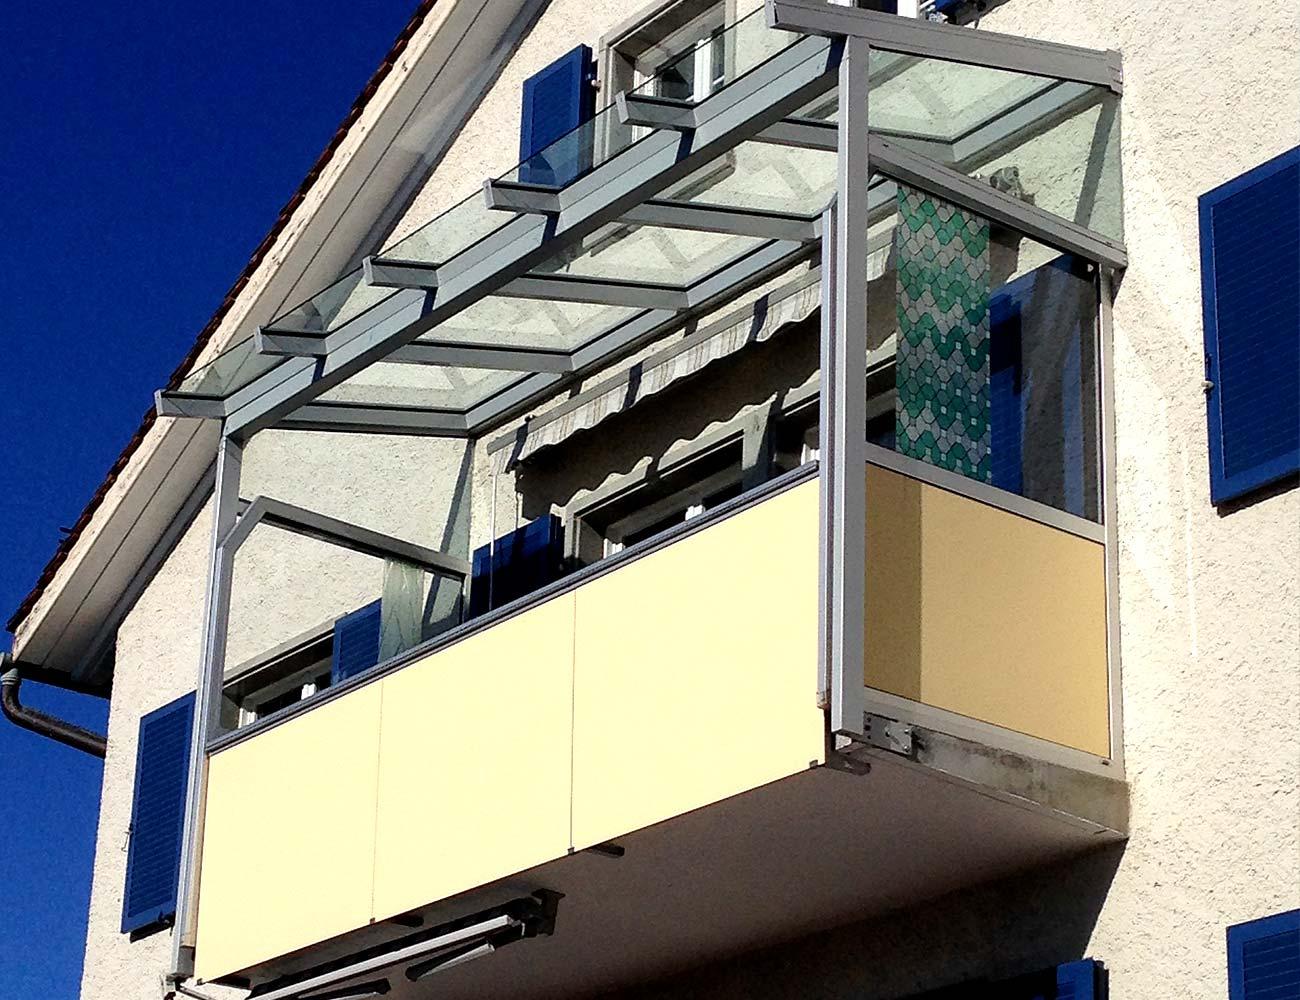 ebiasi-sitzplatzverglasung-balkonverglasung-8